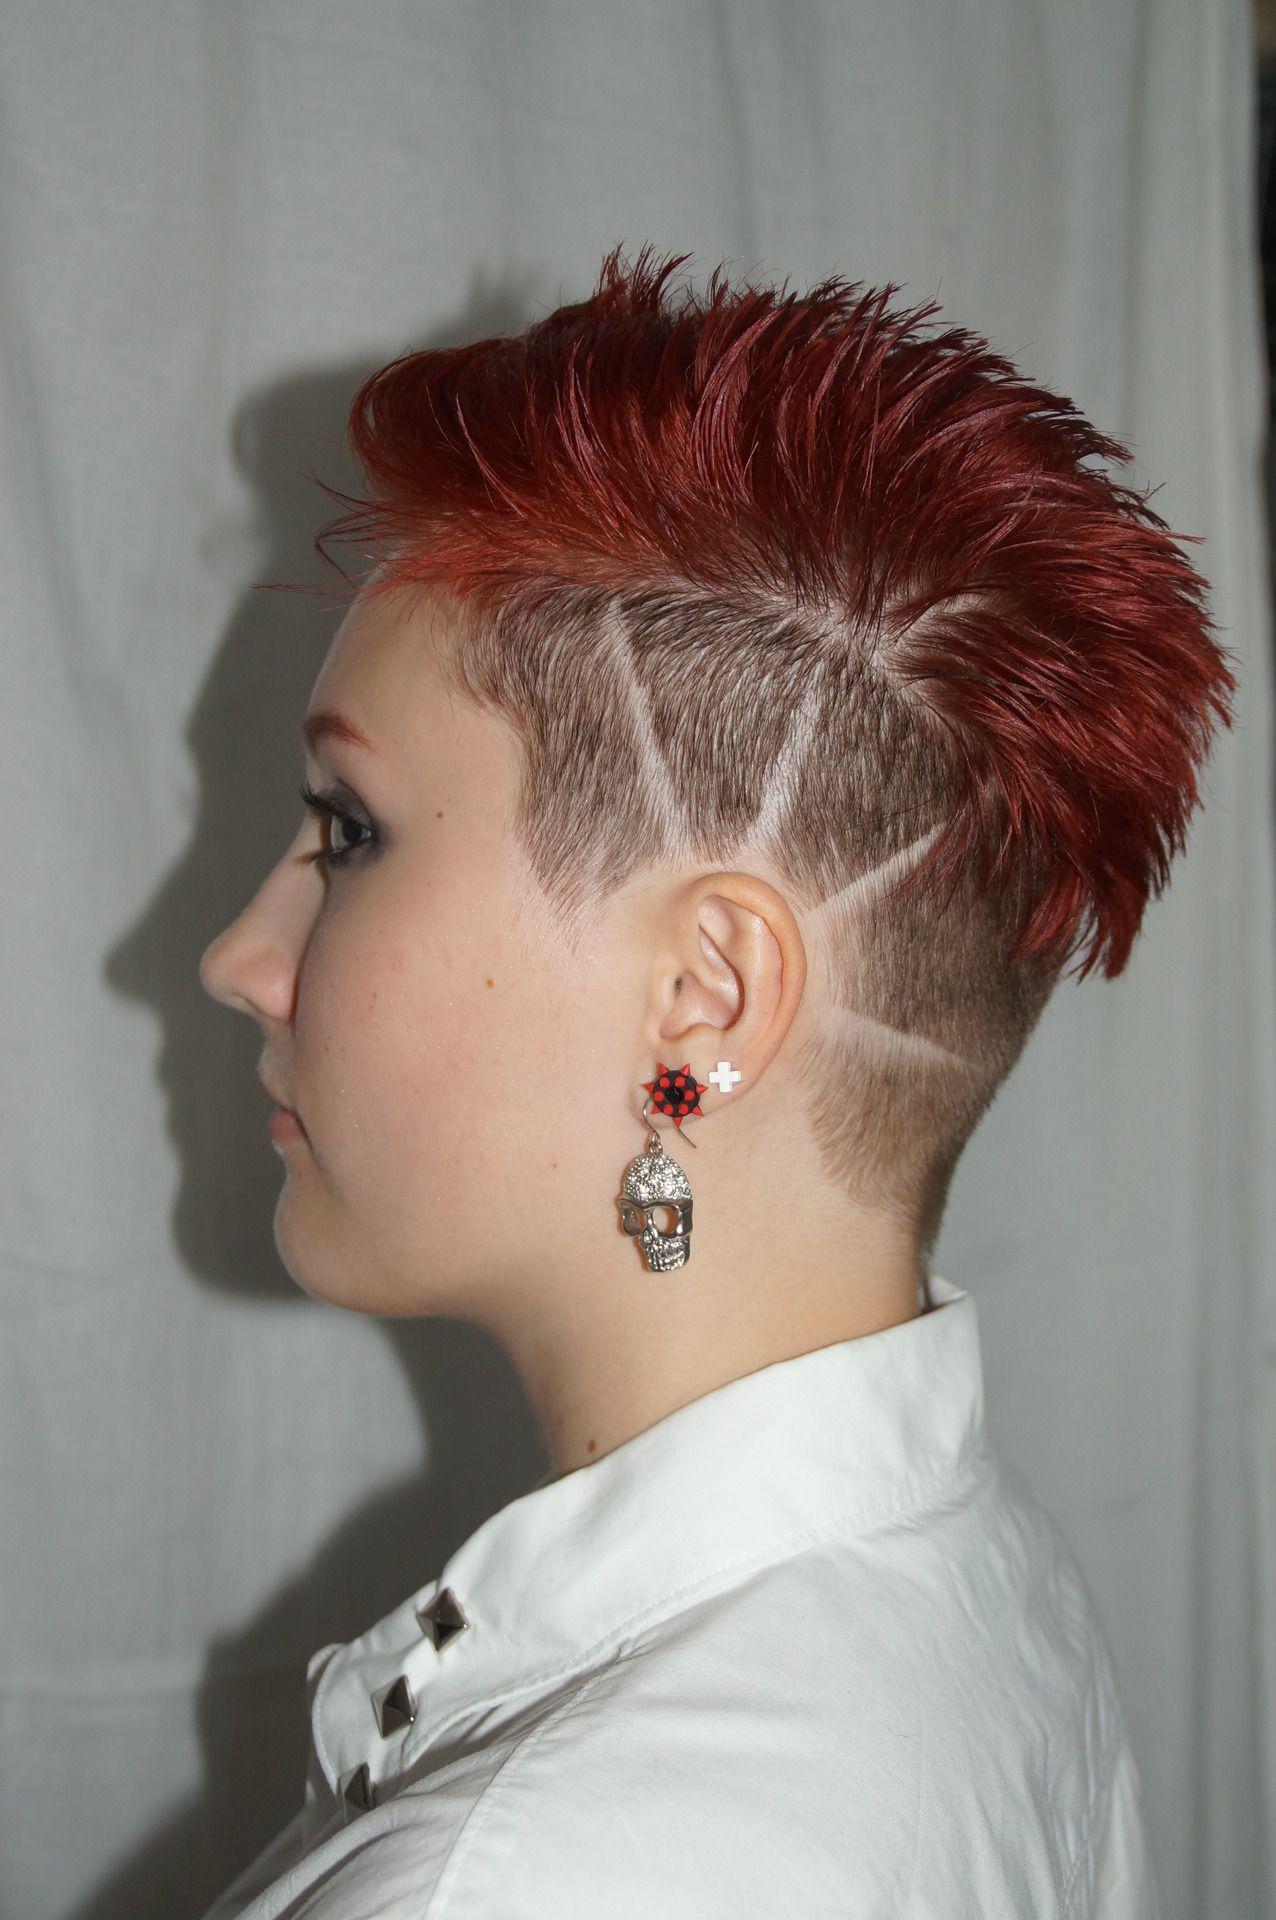 short haircut | short hairstyles | short punk hair, hair